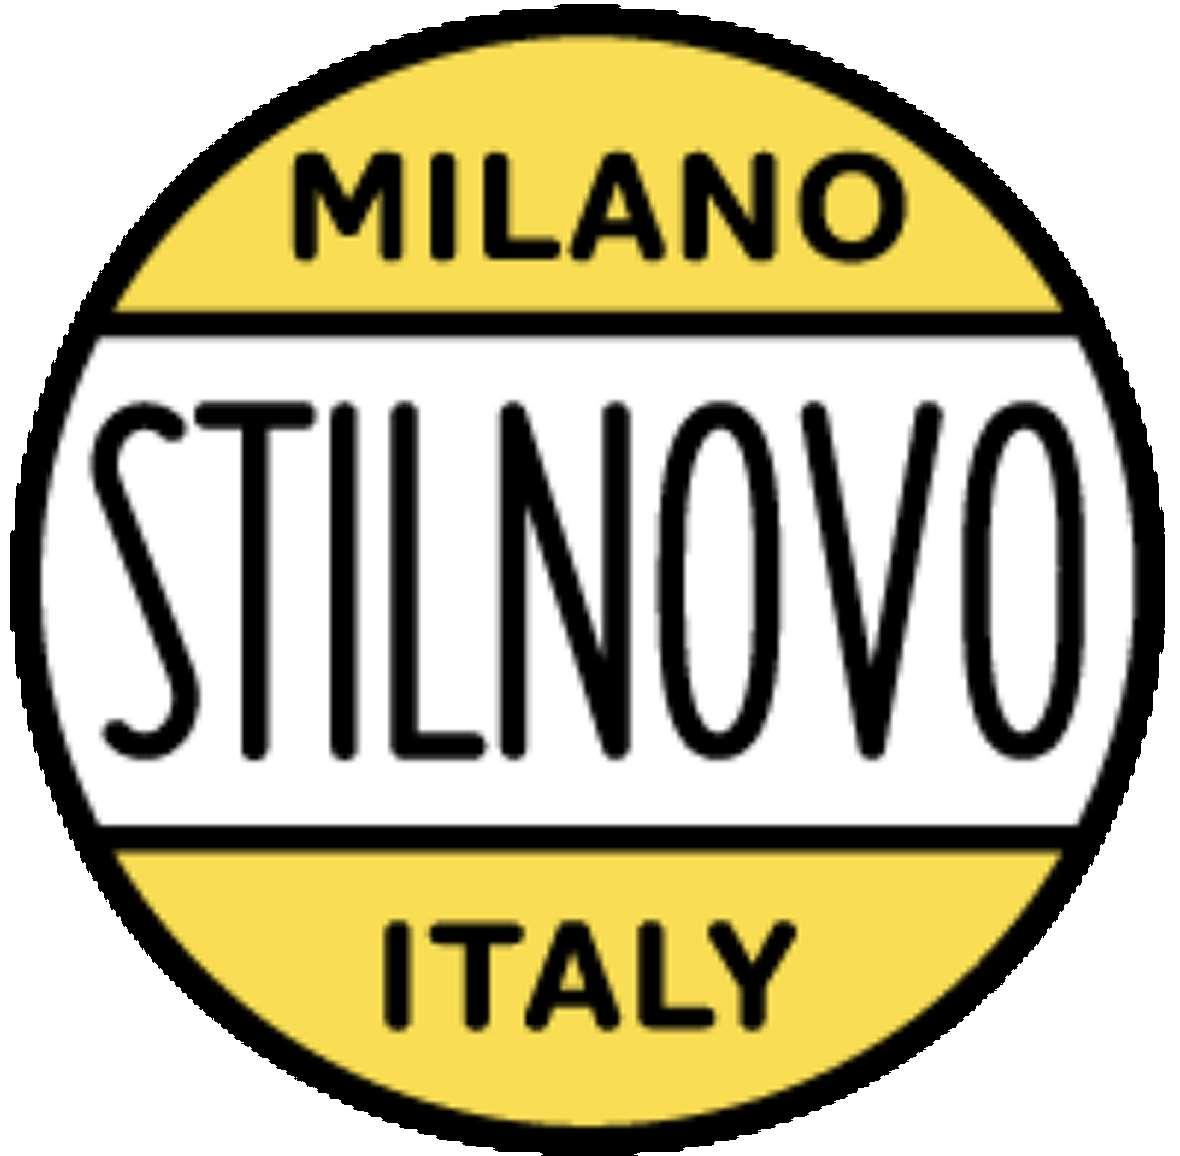 Stilnovo Milano Italy - old logo